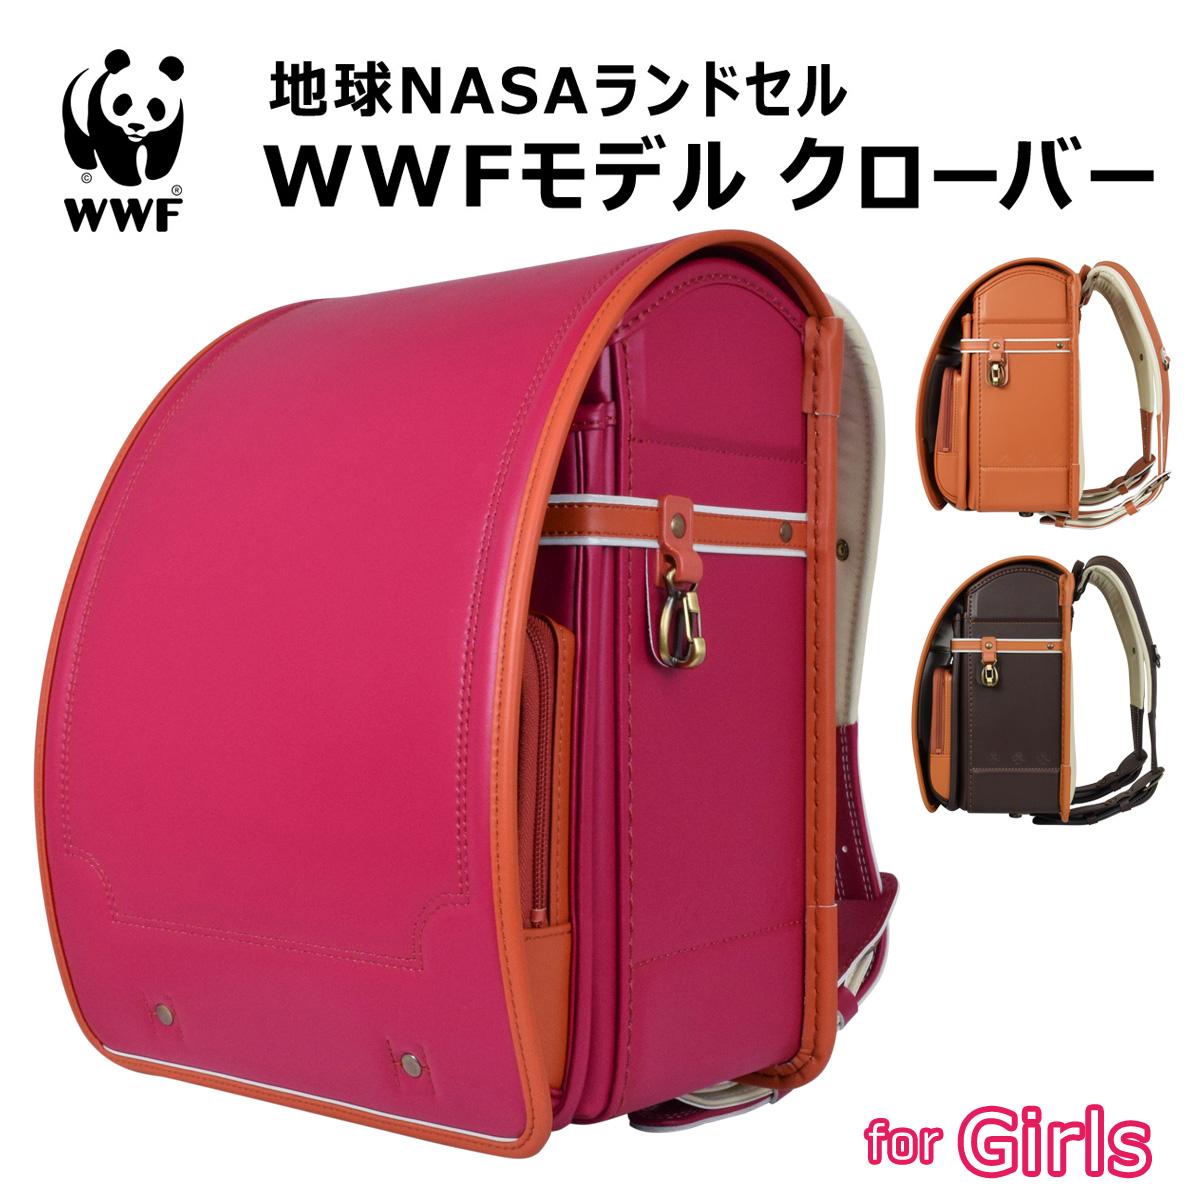 地球NASA ランドセル WWF モデル clover(クローバー) wwf-n03 【池田地球】【女の子】【WWF】【女児】【ご入学】【おしゃれ】